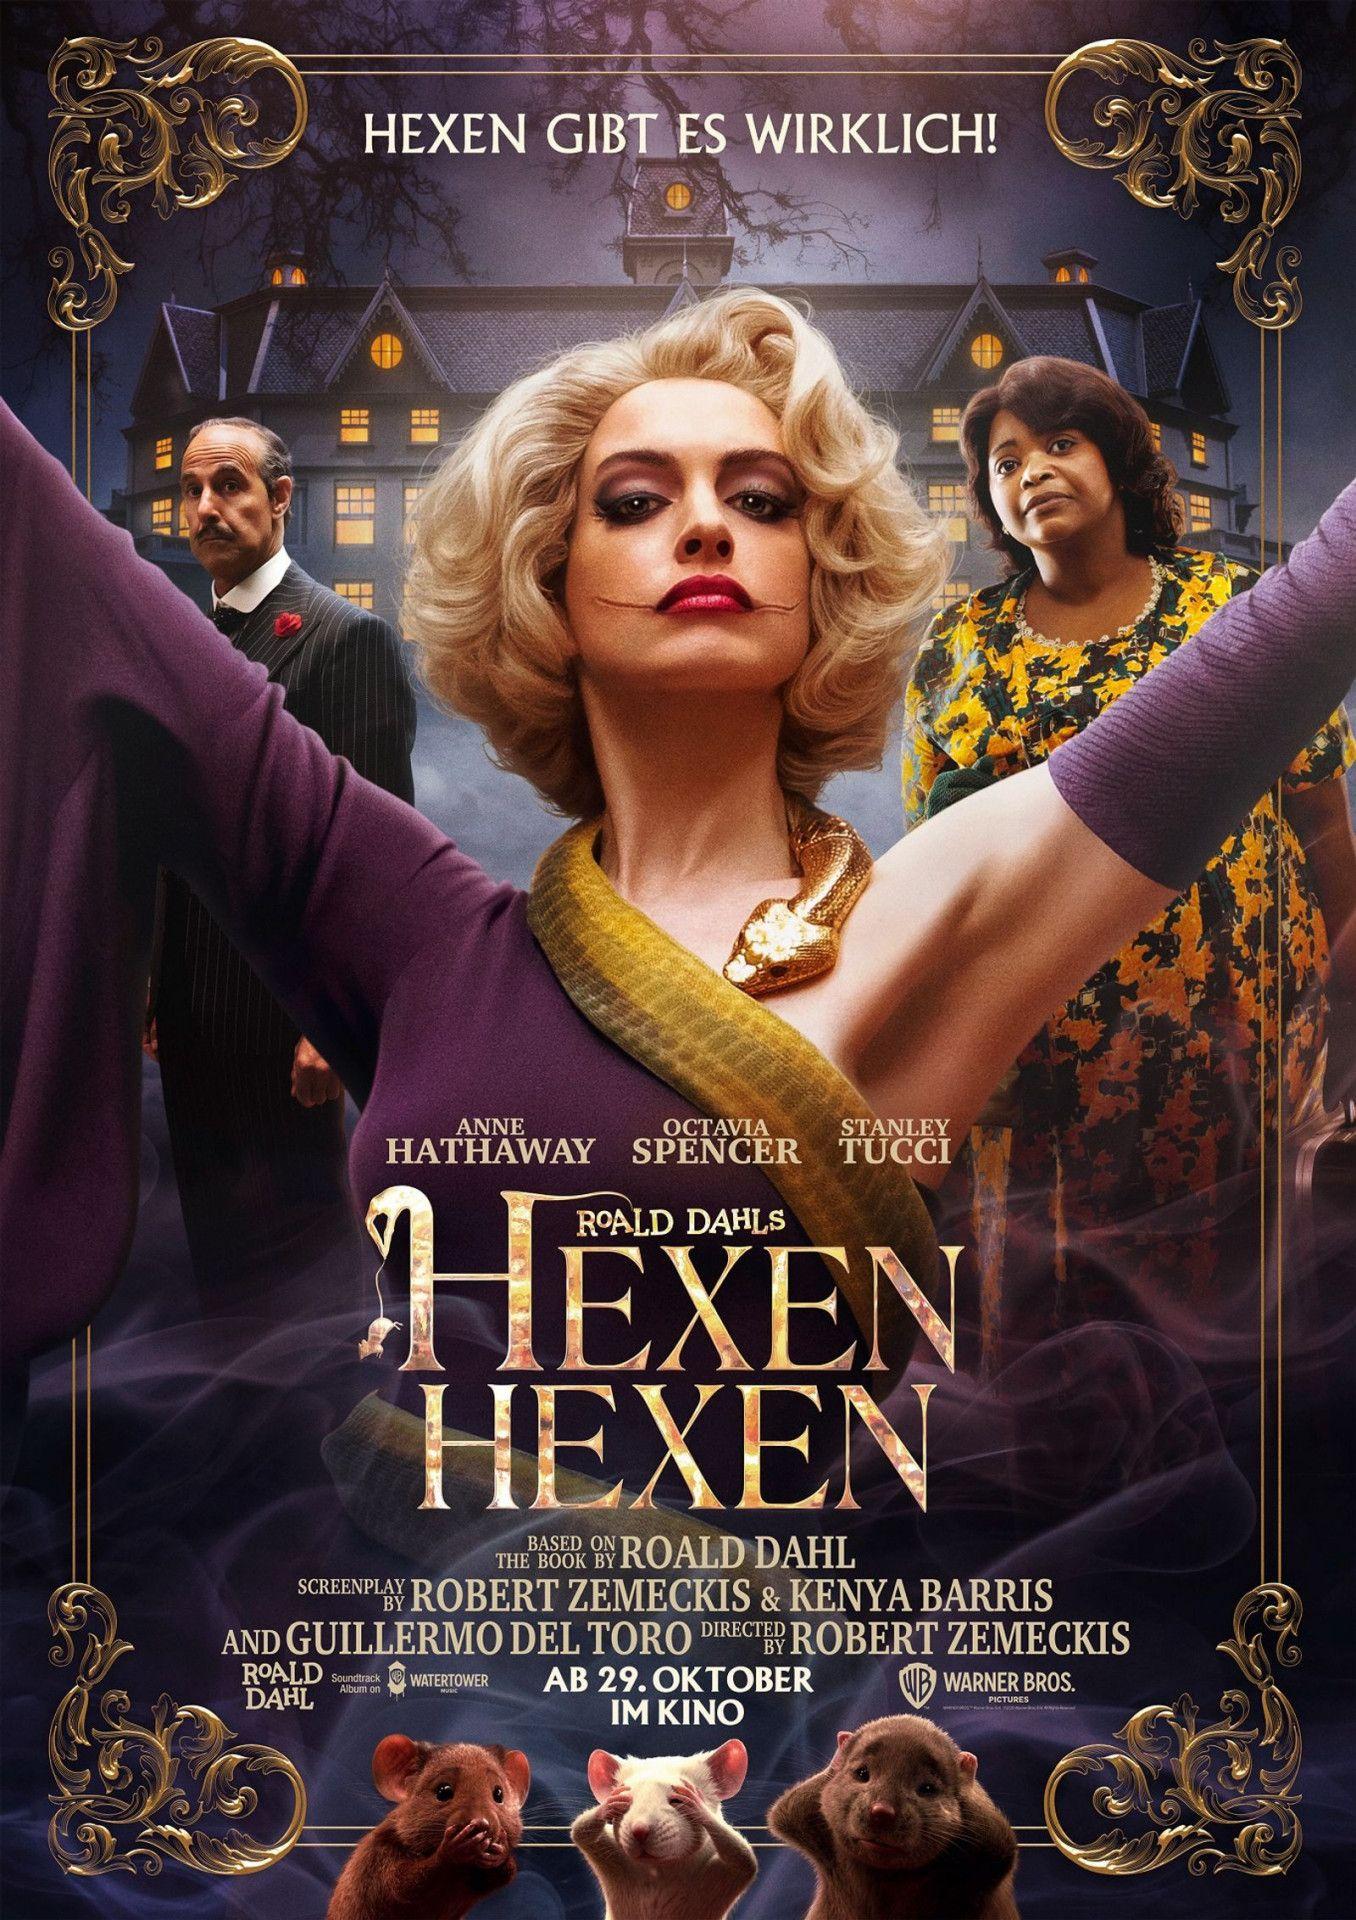 """In der Neuverfilmung von """"Hexen hexen"""" verbreitet Anne Hathaway als Oberhexe Angst und Schrecken."""